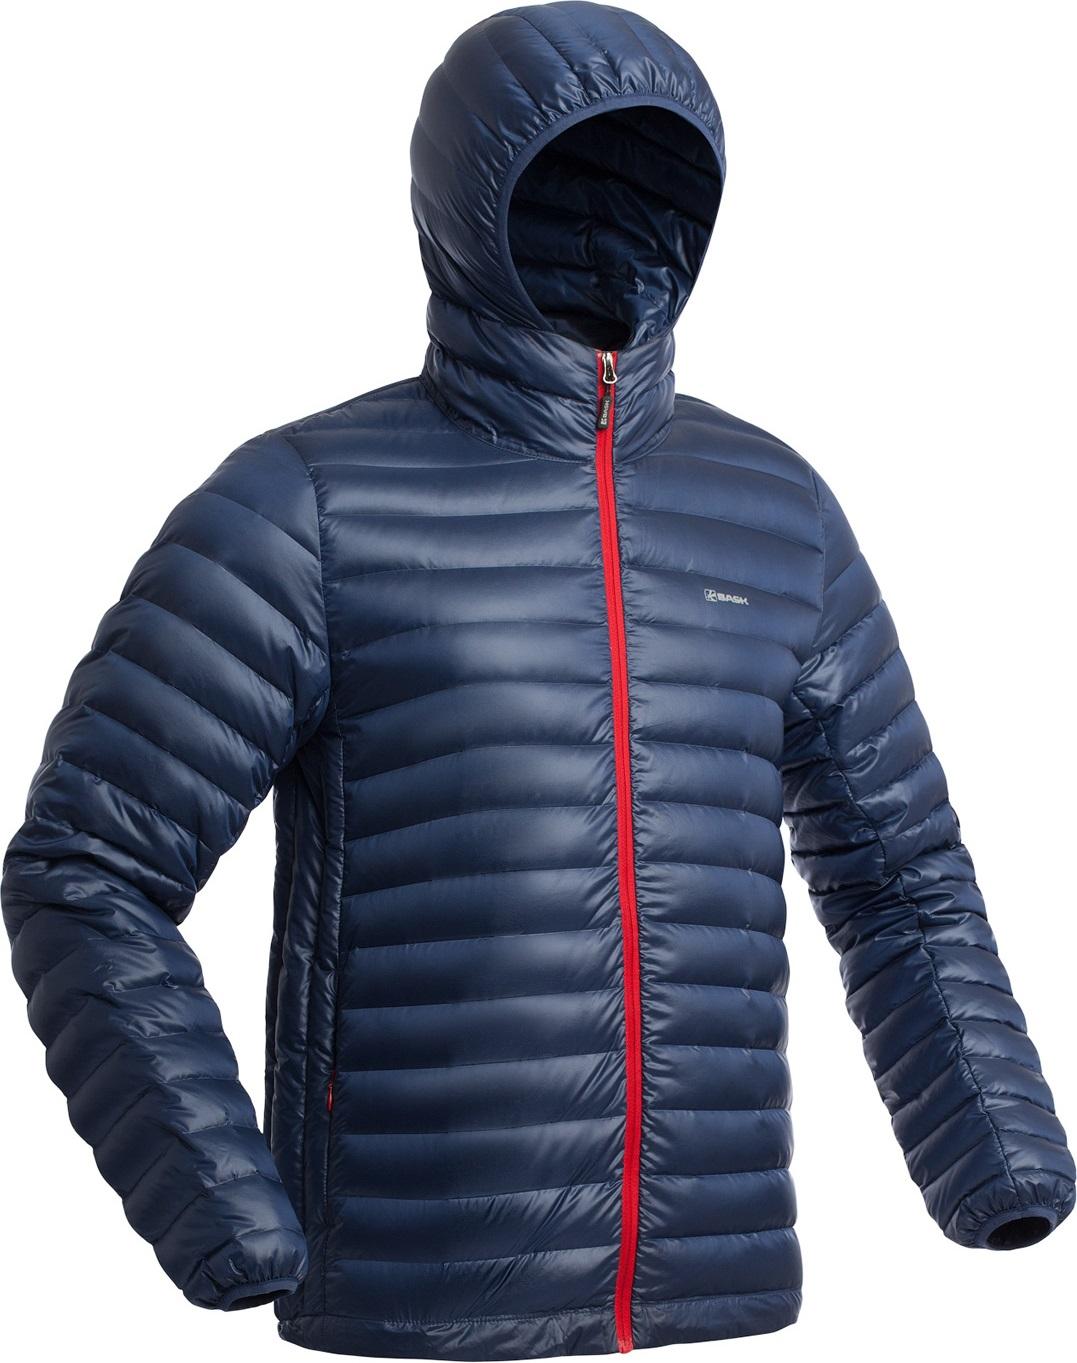 Куртка пуховая BASK CHAMONIX LIGHT MJ синий тмн, Куртки - арт. 1149370156